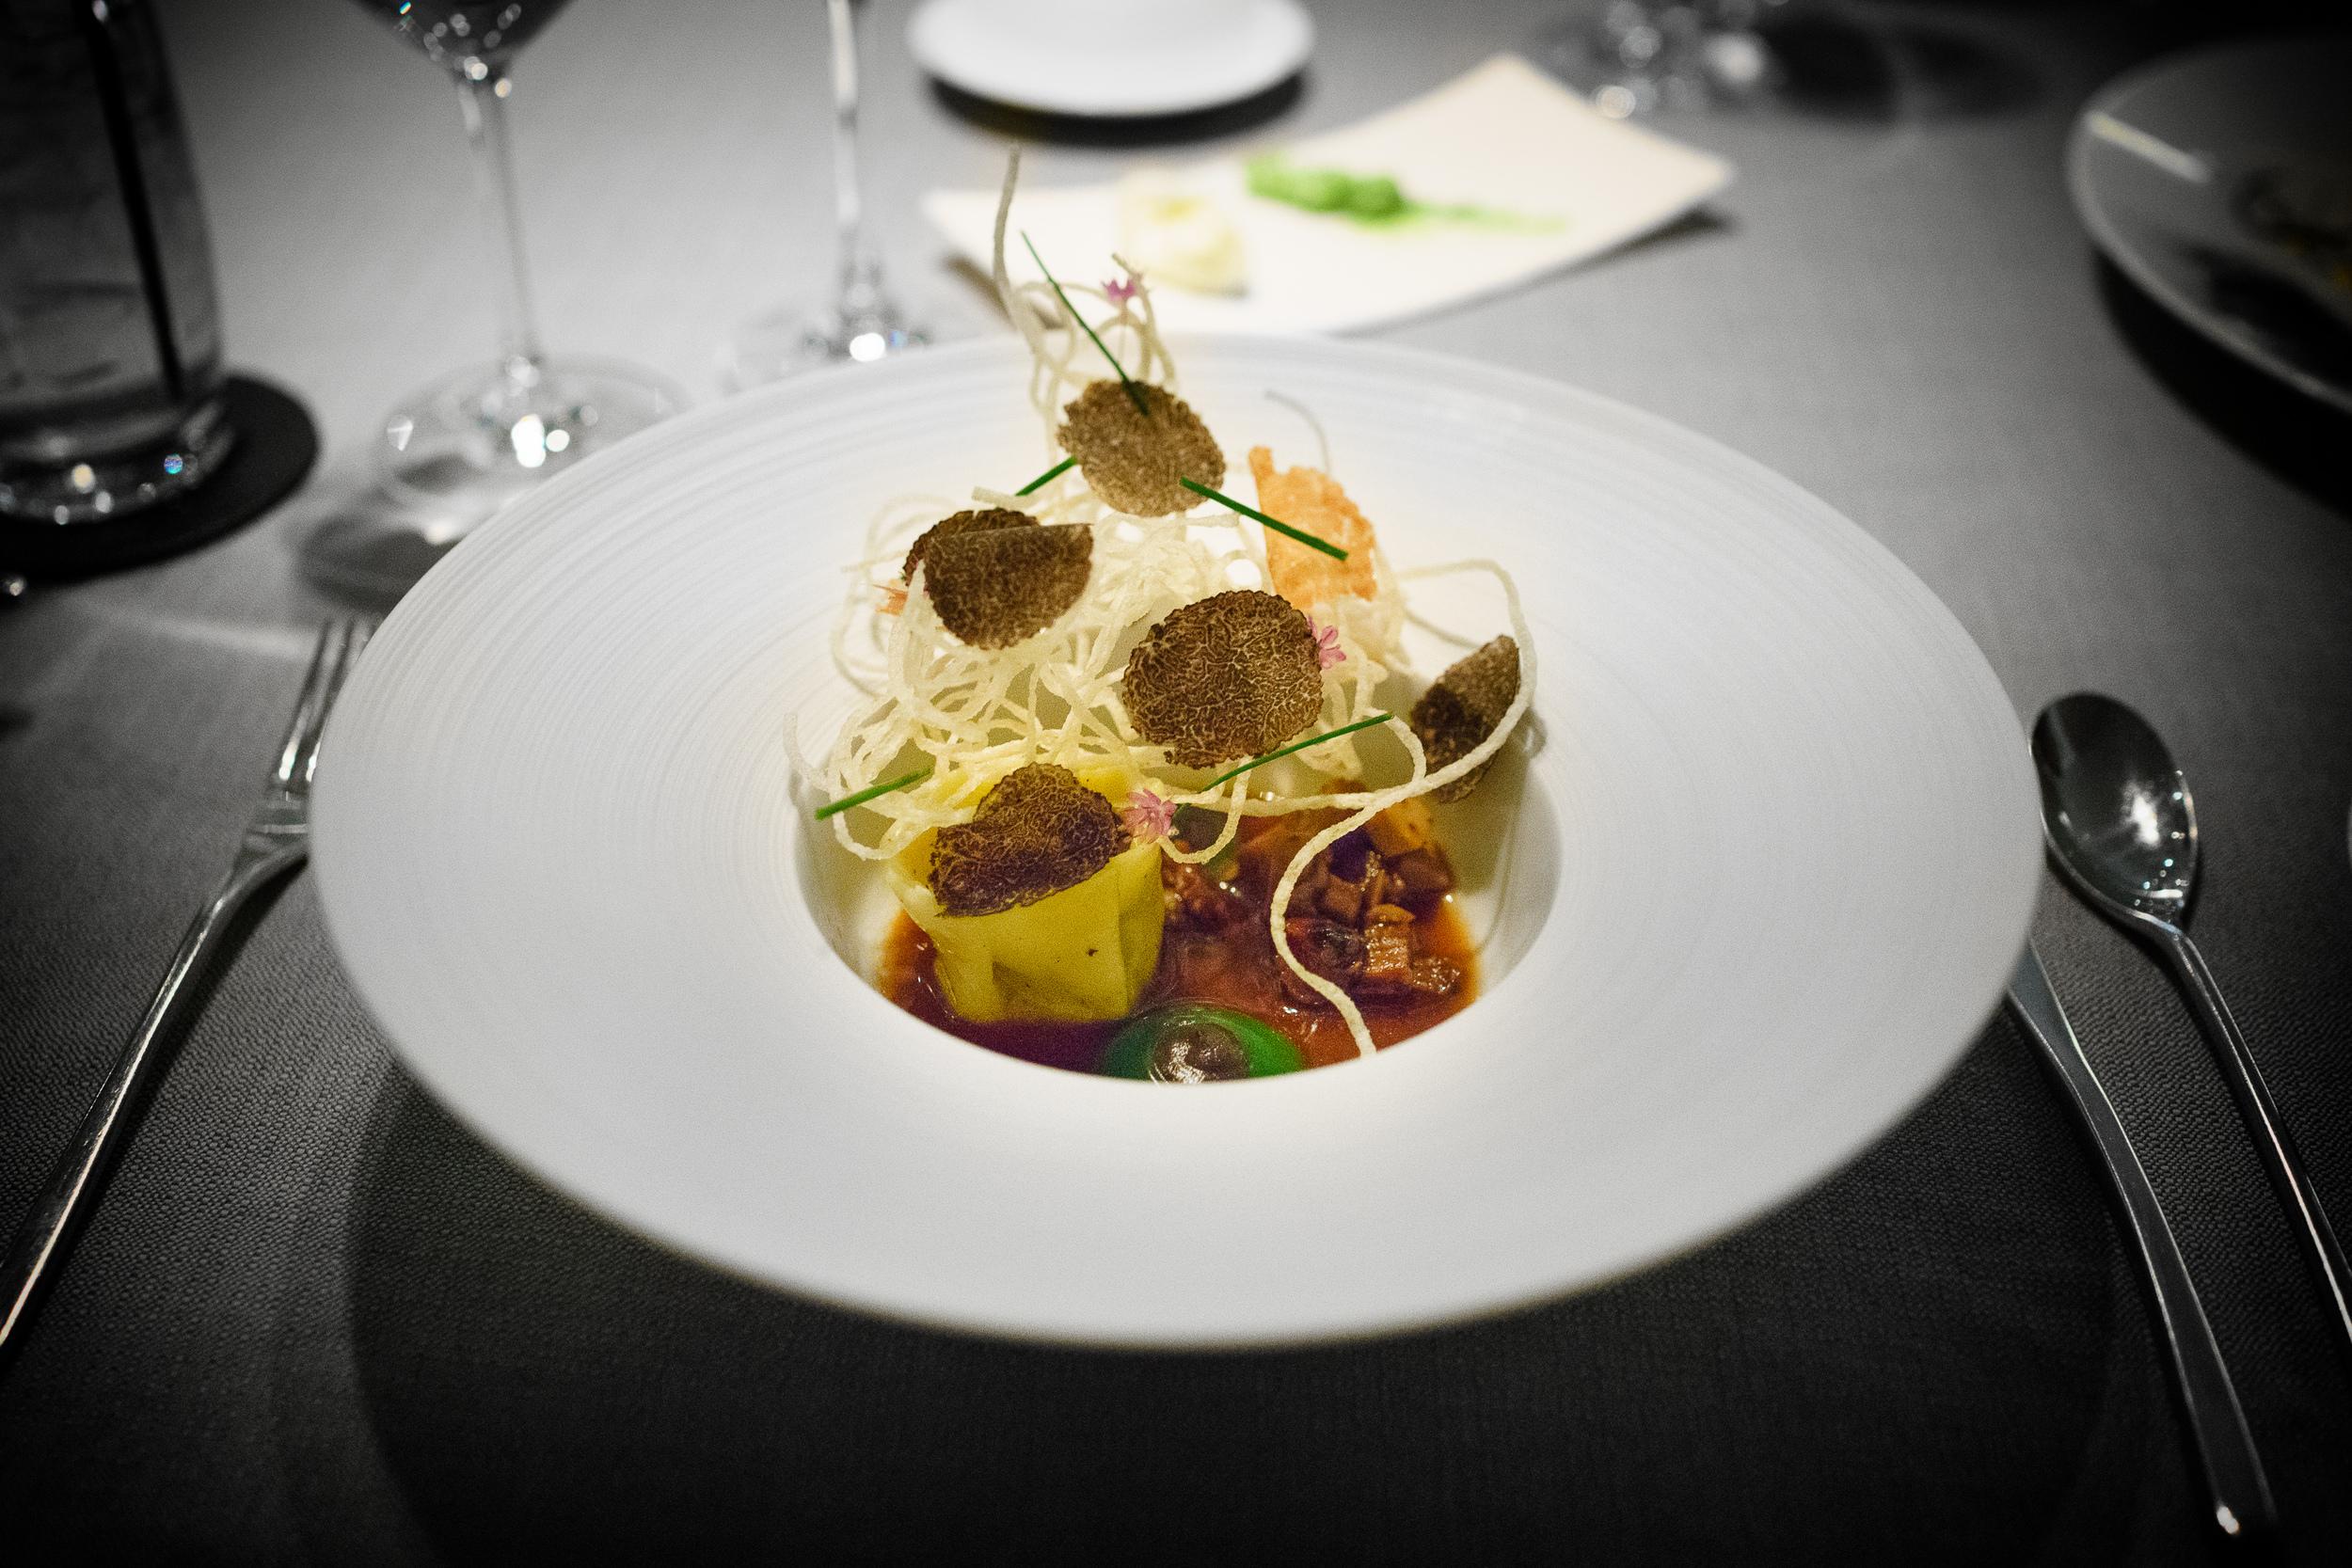 Black truffle, prosciutto, porcini, chive blossom